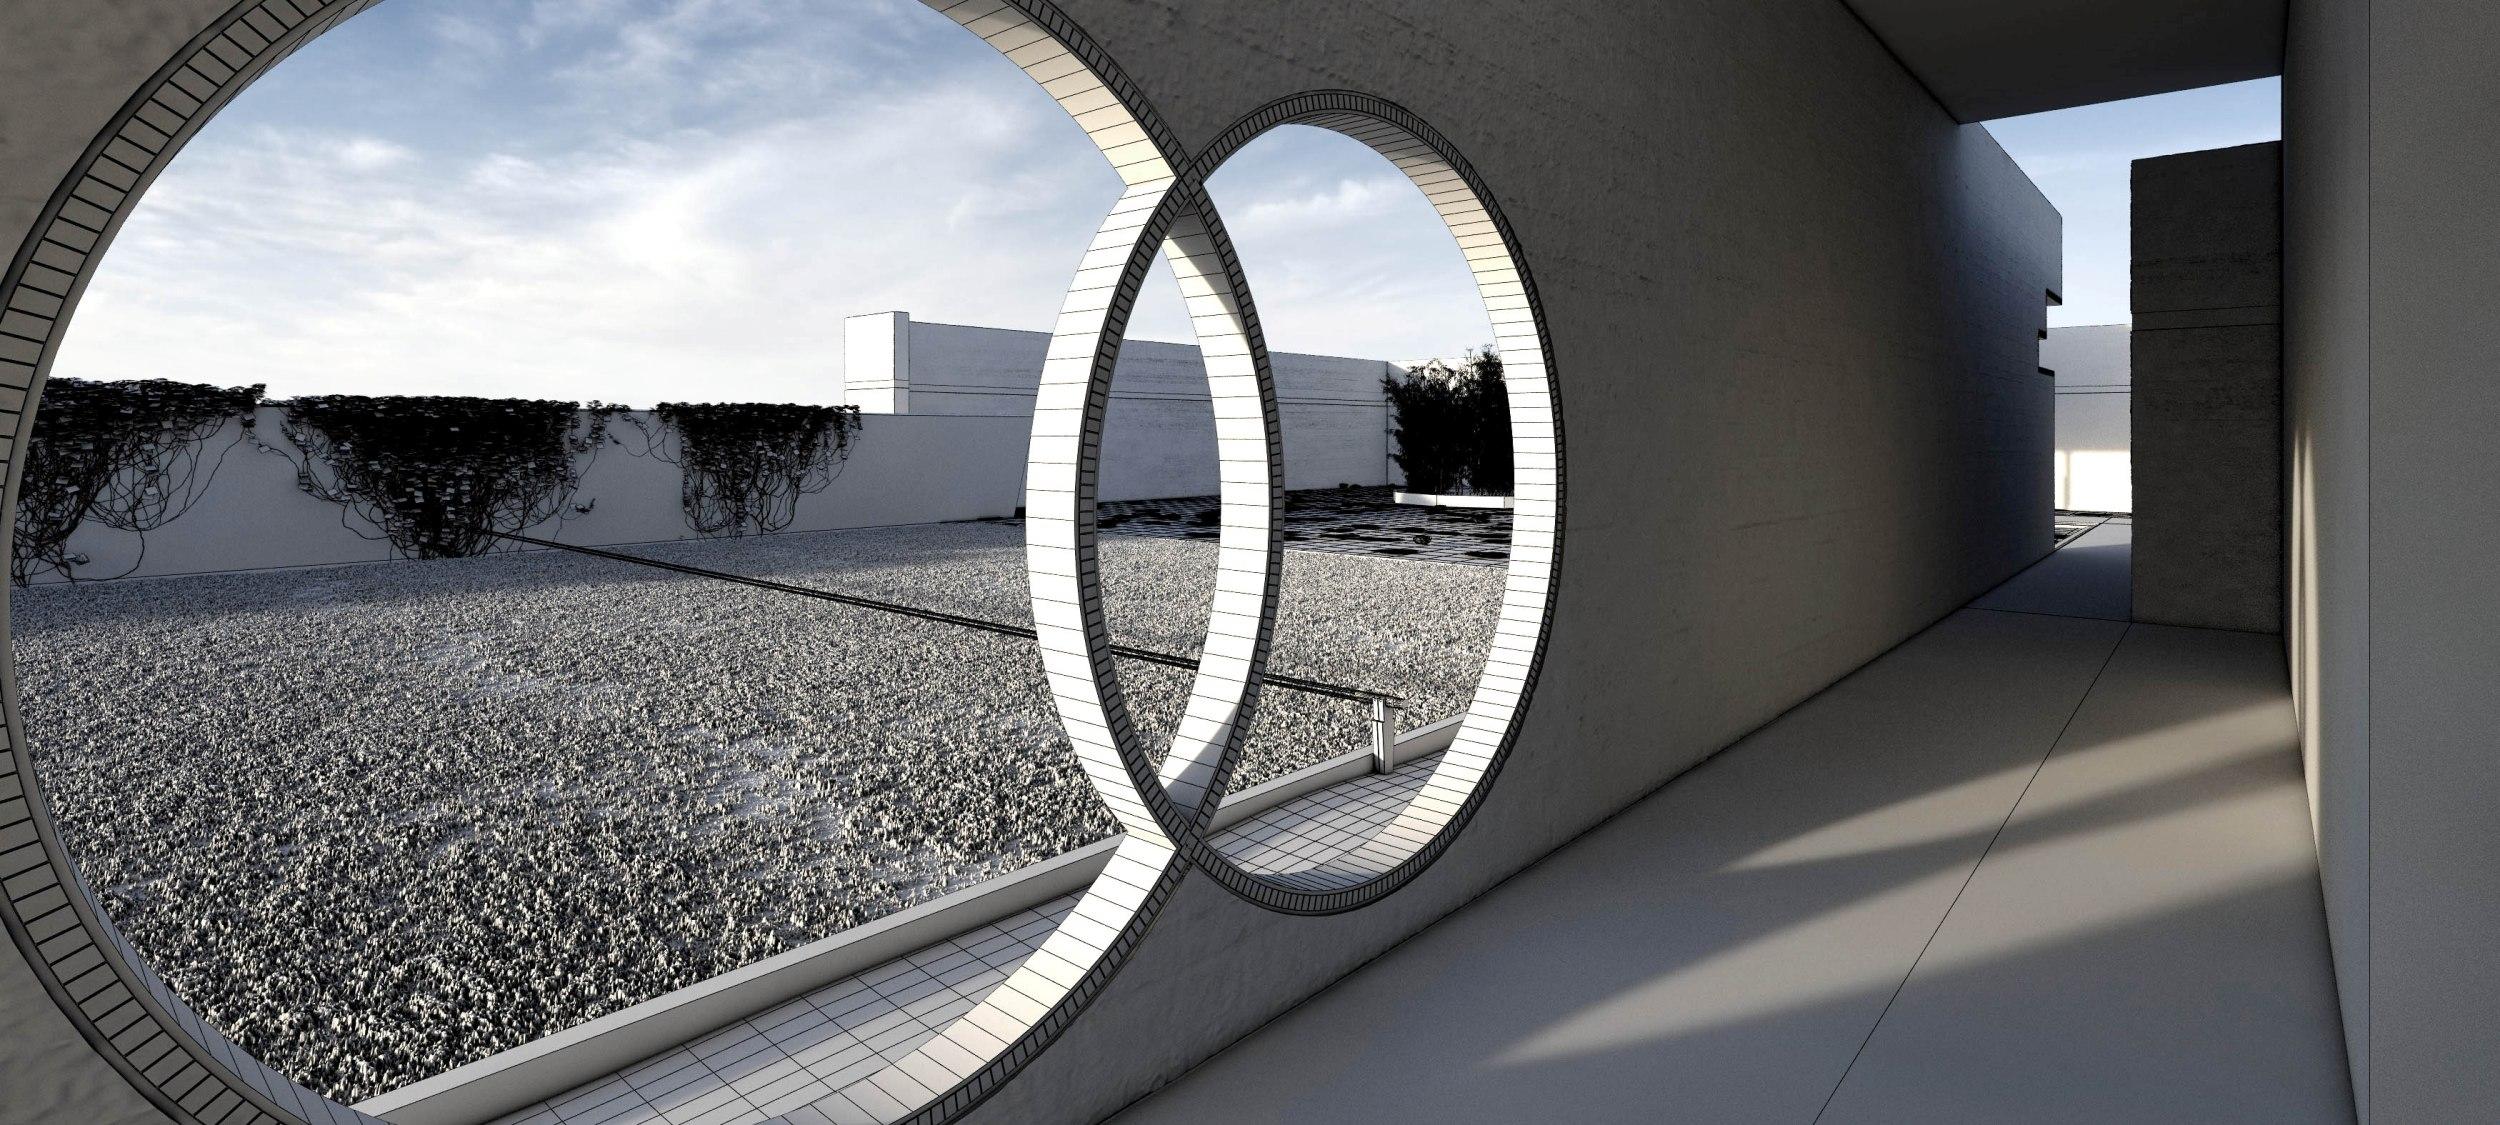 Daily fill of architecture carlo scarpa ecem olgun - Brion design ...